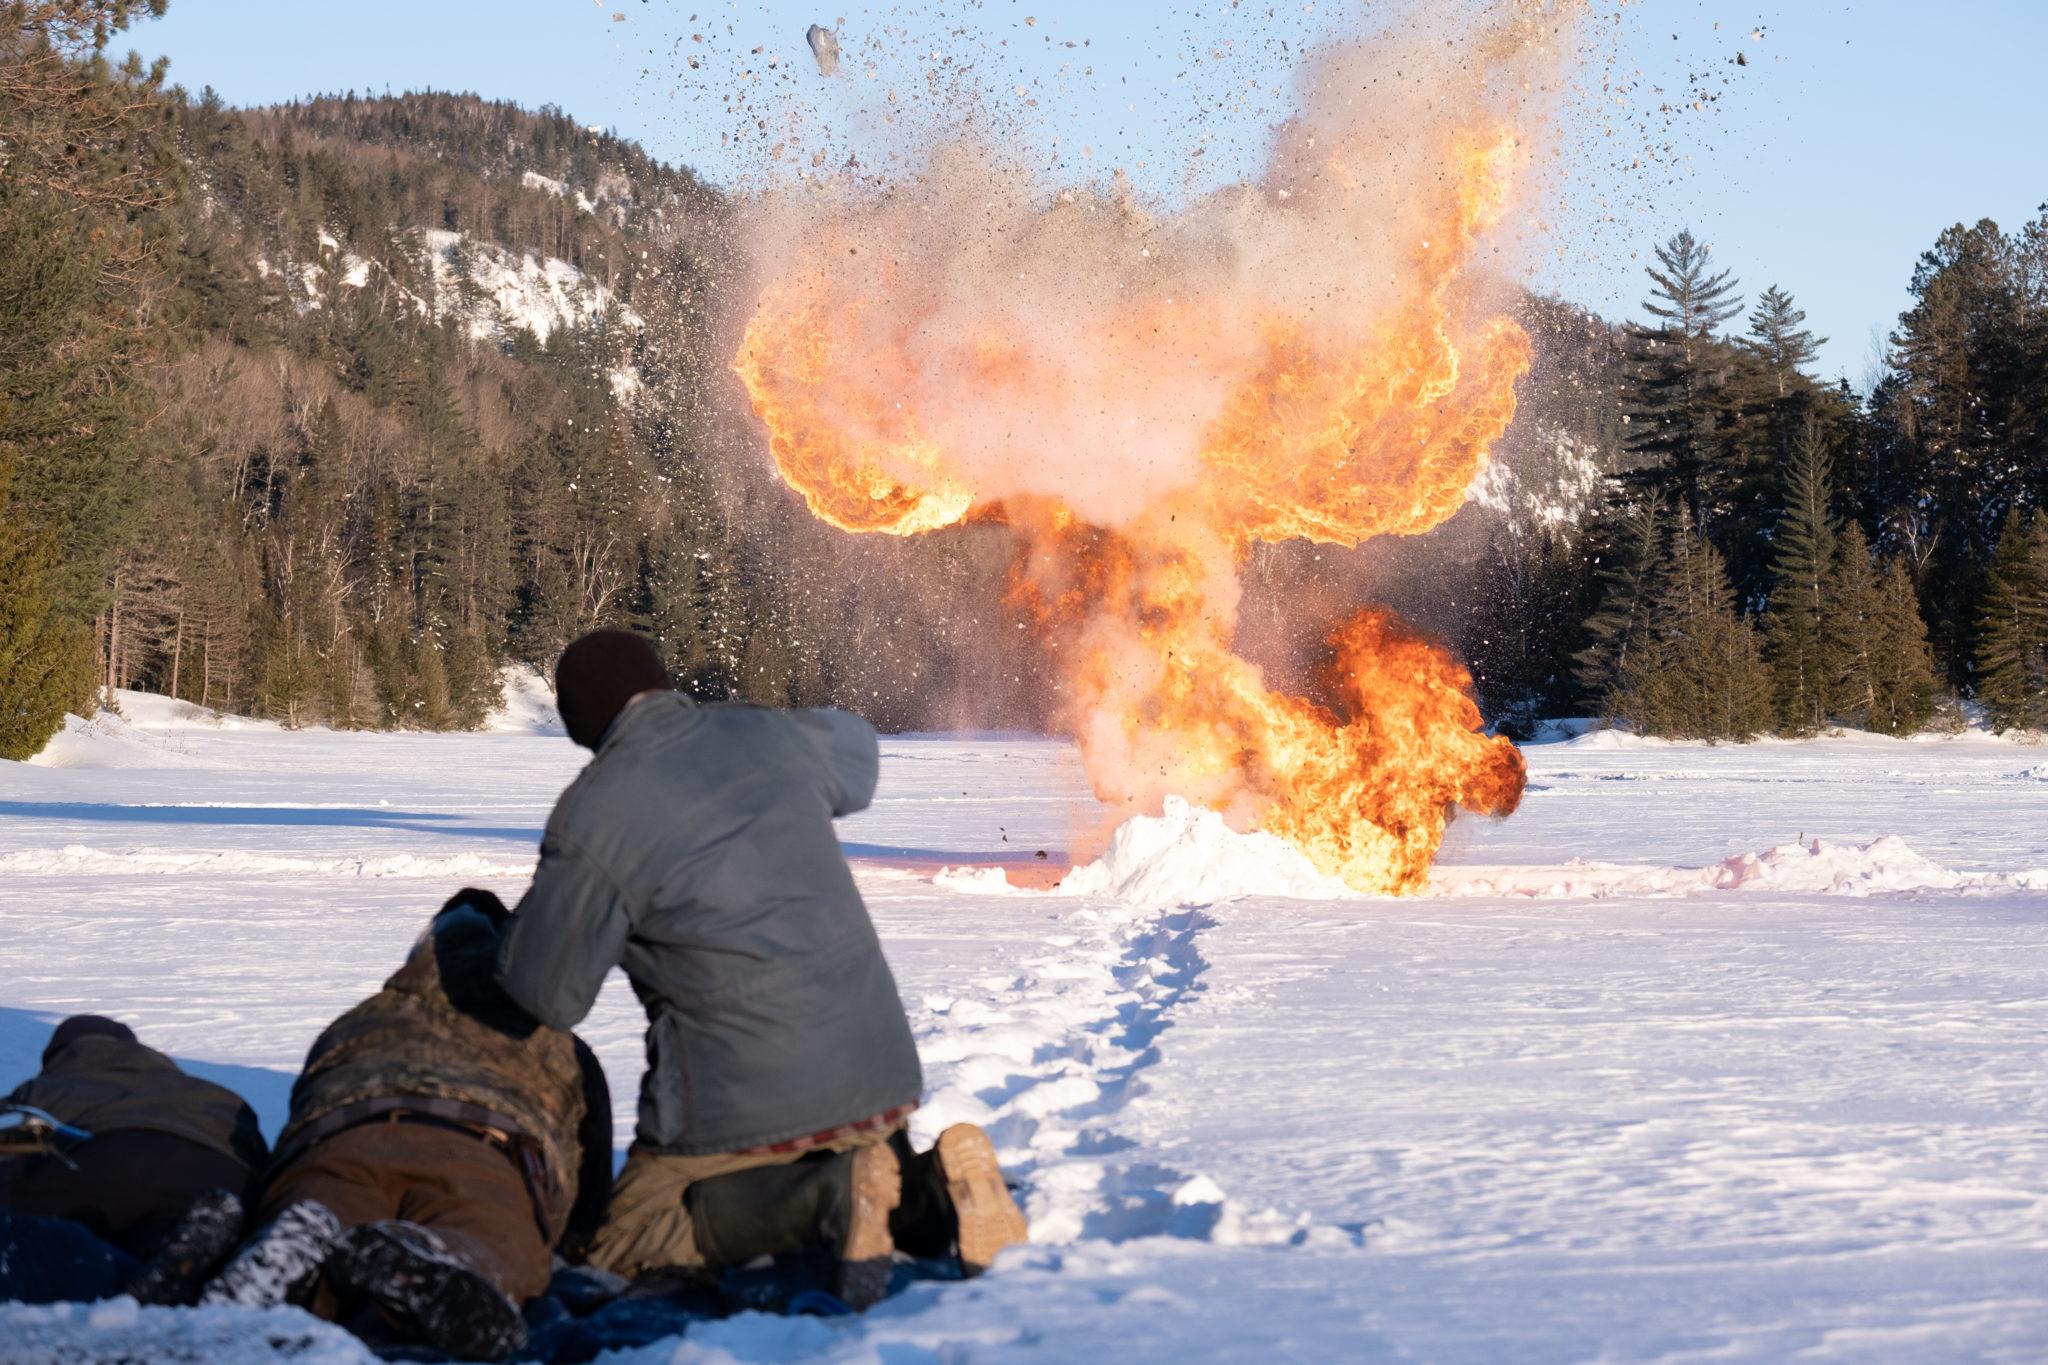 Beim Training kommt es zu einer Explosion auf einer freien beschneiten Fläche